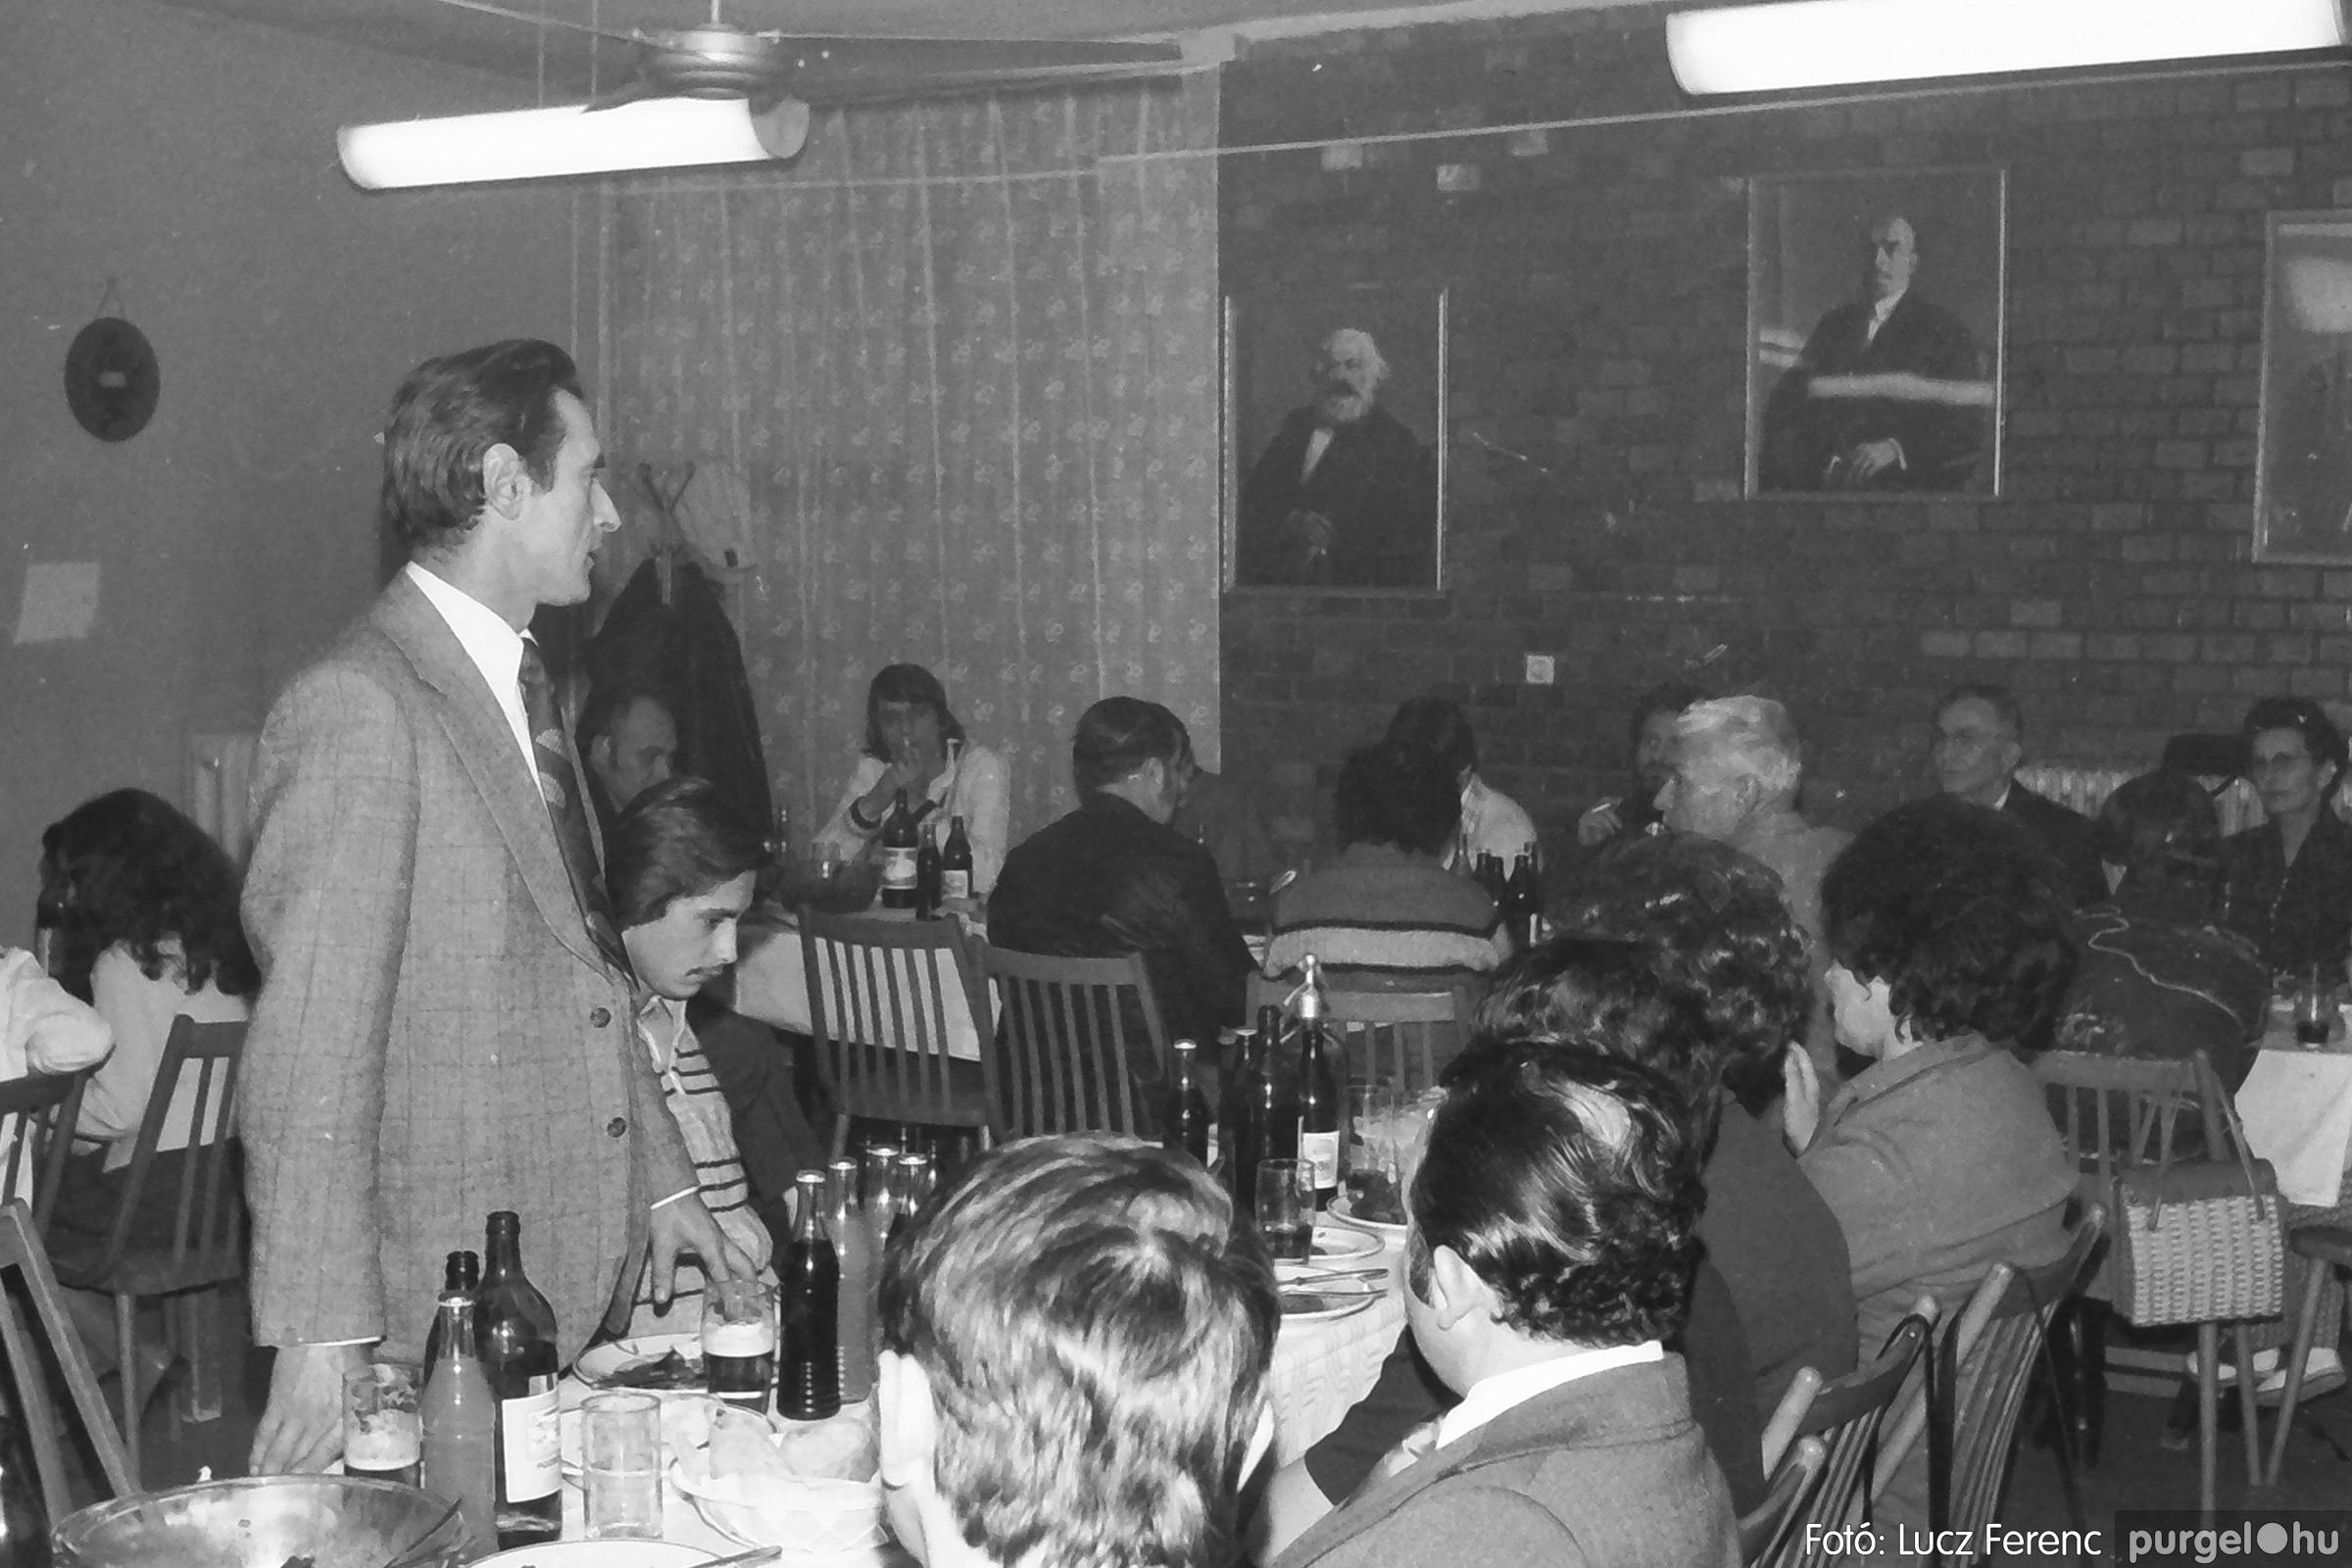 066-067. 1976. A Herkulesfürdői emlék című film ősbemutatója Szegváron 033. - Fotó: Lucz Ferenc.jpg